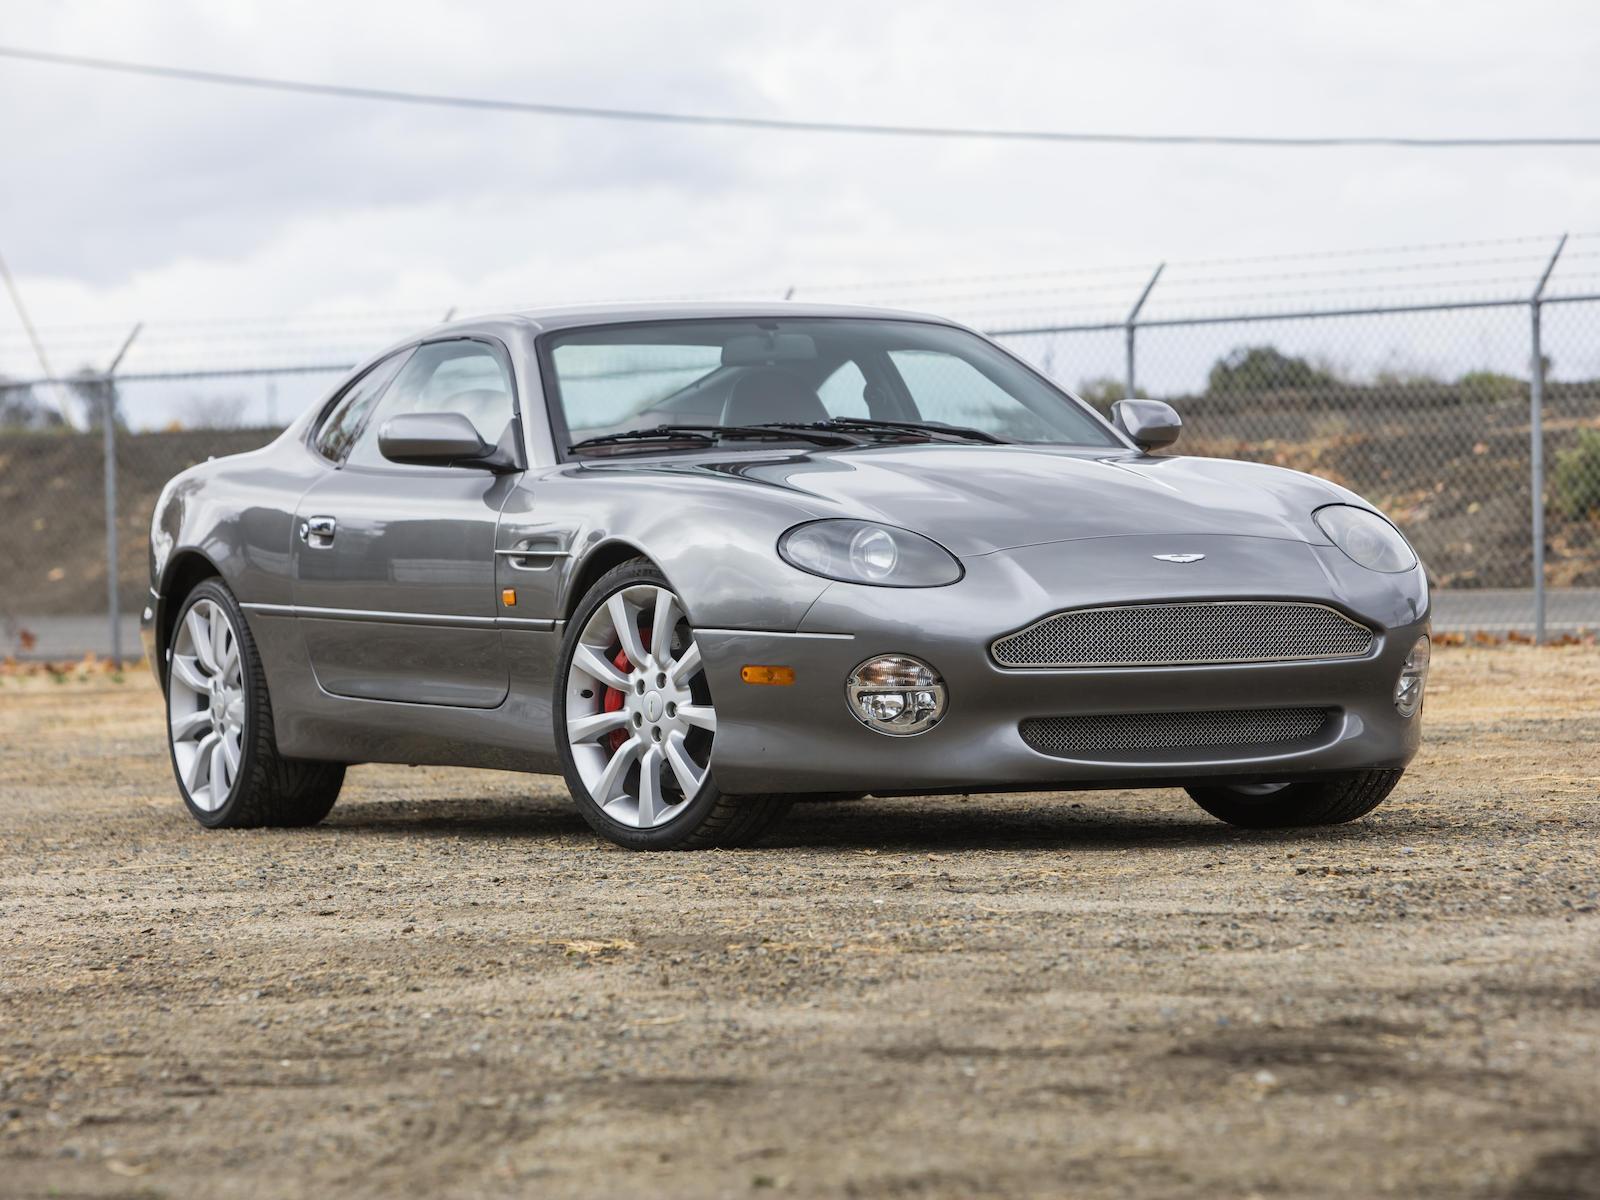 2003 Aston Martin DB7 V12 Vantage